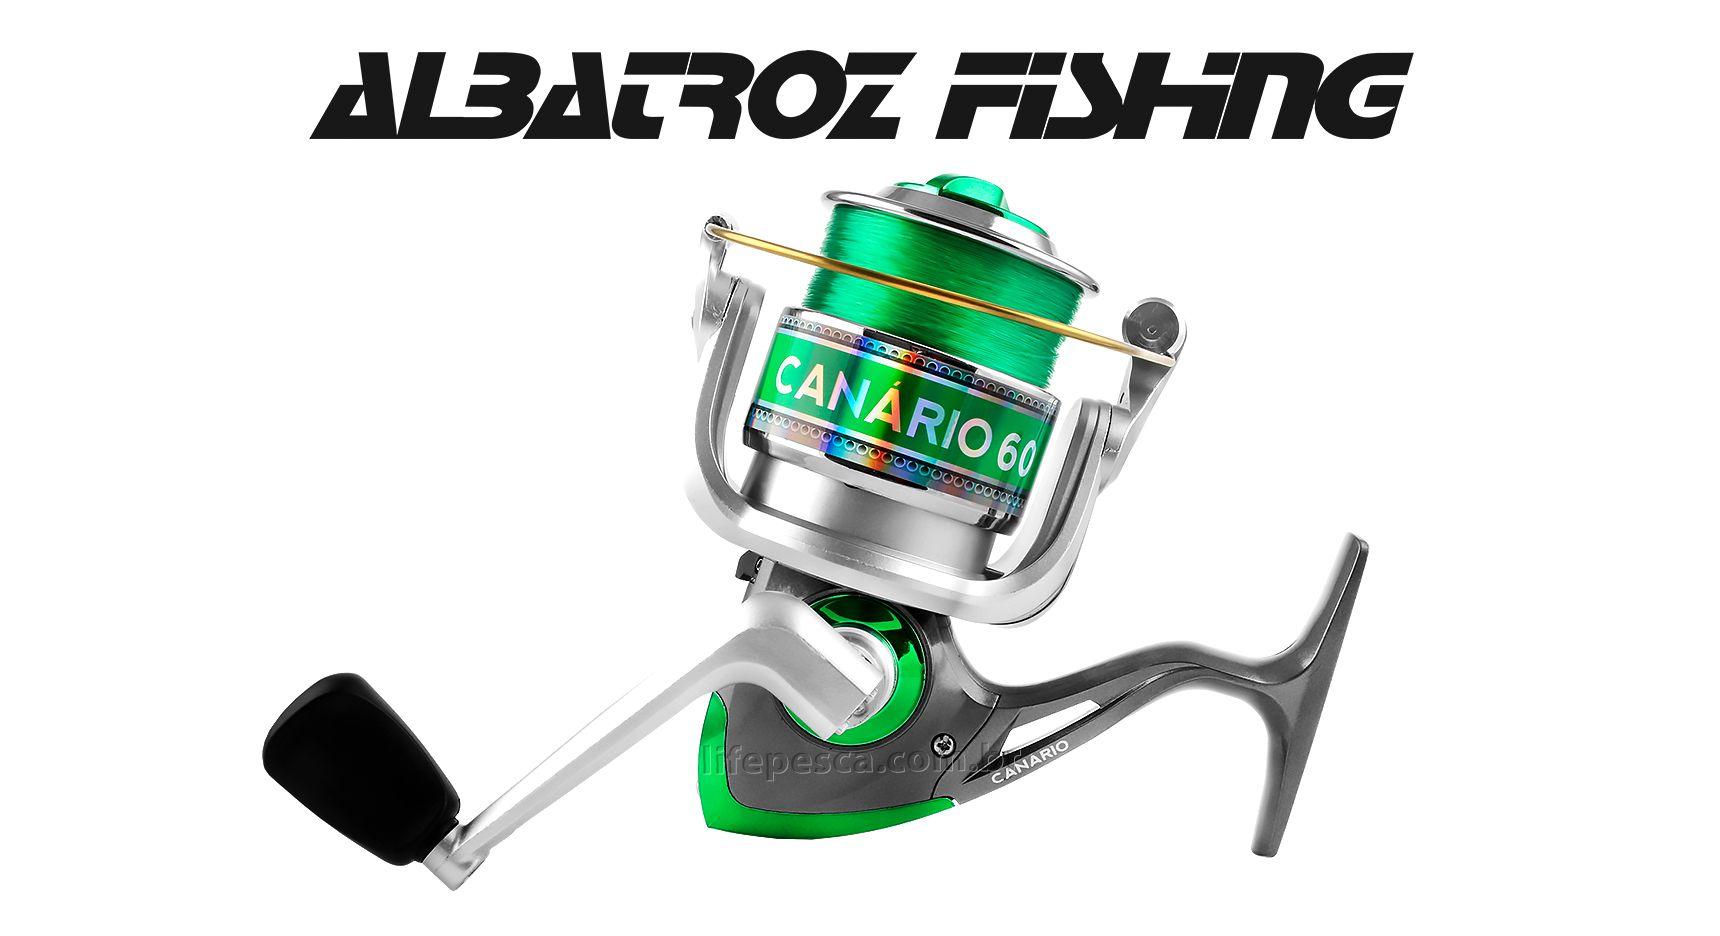 Molinete Albatroz Fishing Canário 30 - 3 Rolamentos Com Linha